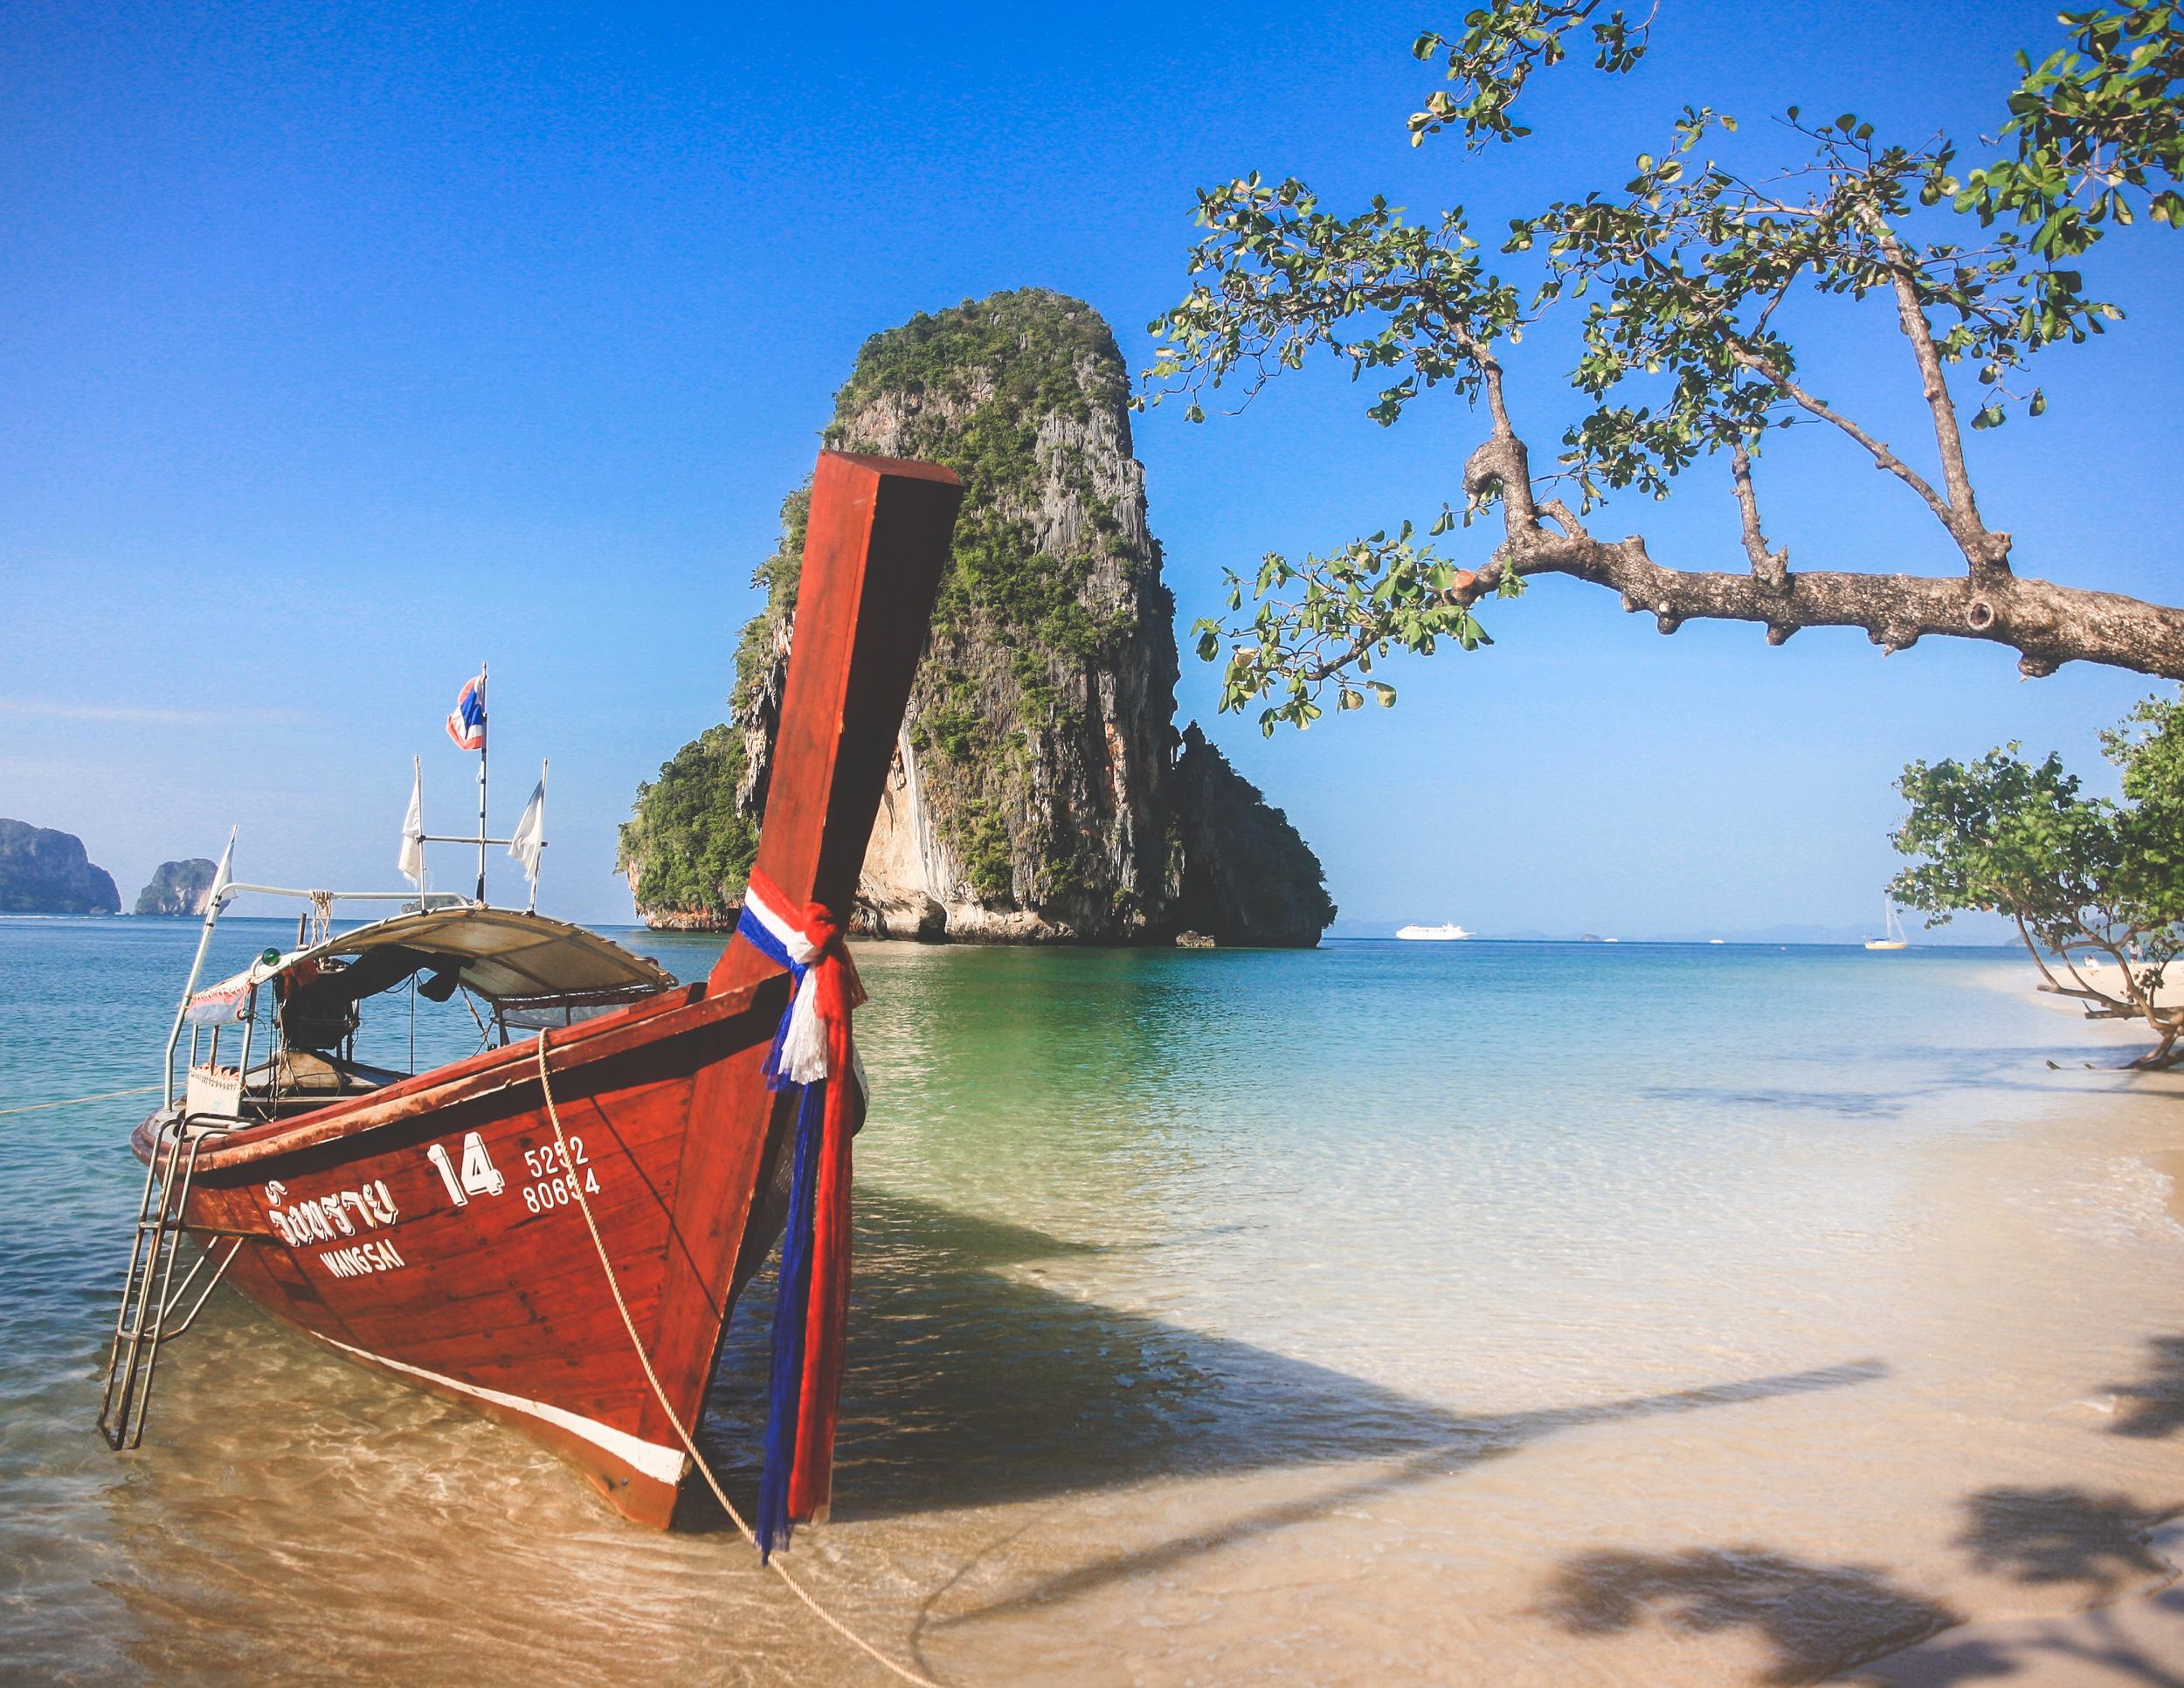 Ao Phra Beach, Railay, Thailand